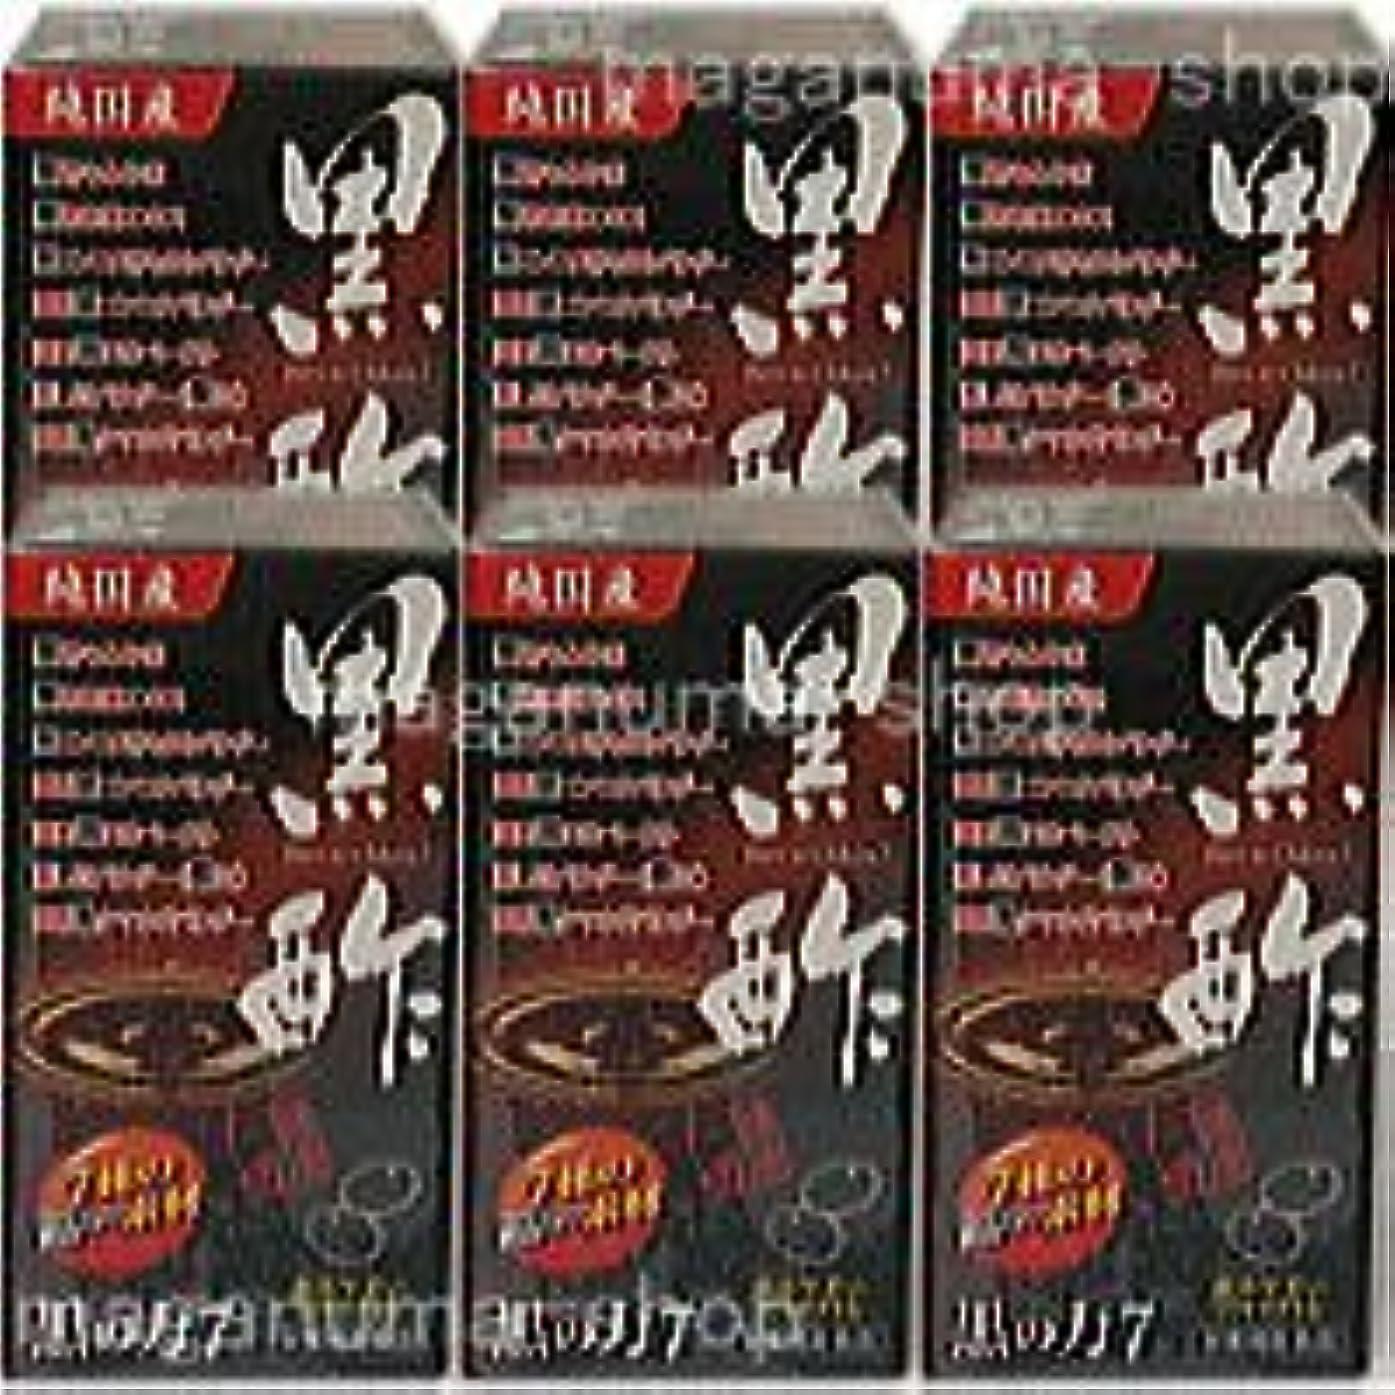 異常な貴重なまもなく黒の力7(旧 黒酢の力) 6個